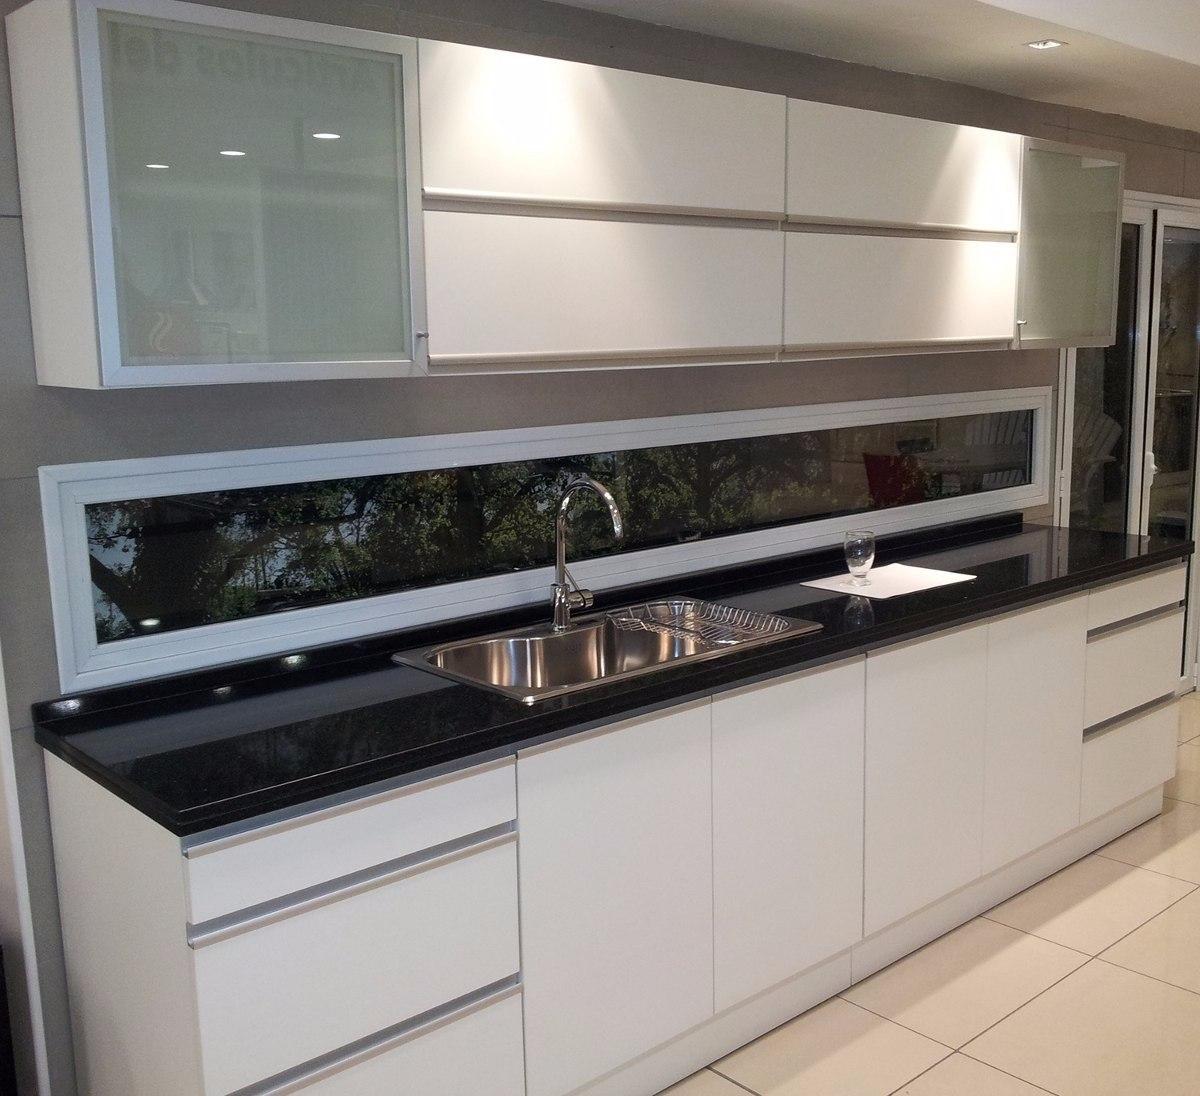 Fabrica De Muebles De Cocina | Fabrica Muebles De Cocina Modernos Amoblamientos Completos De